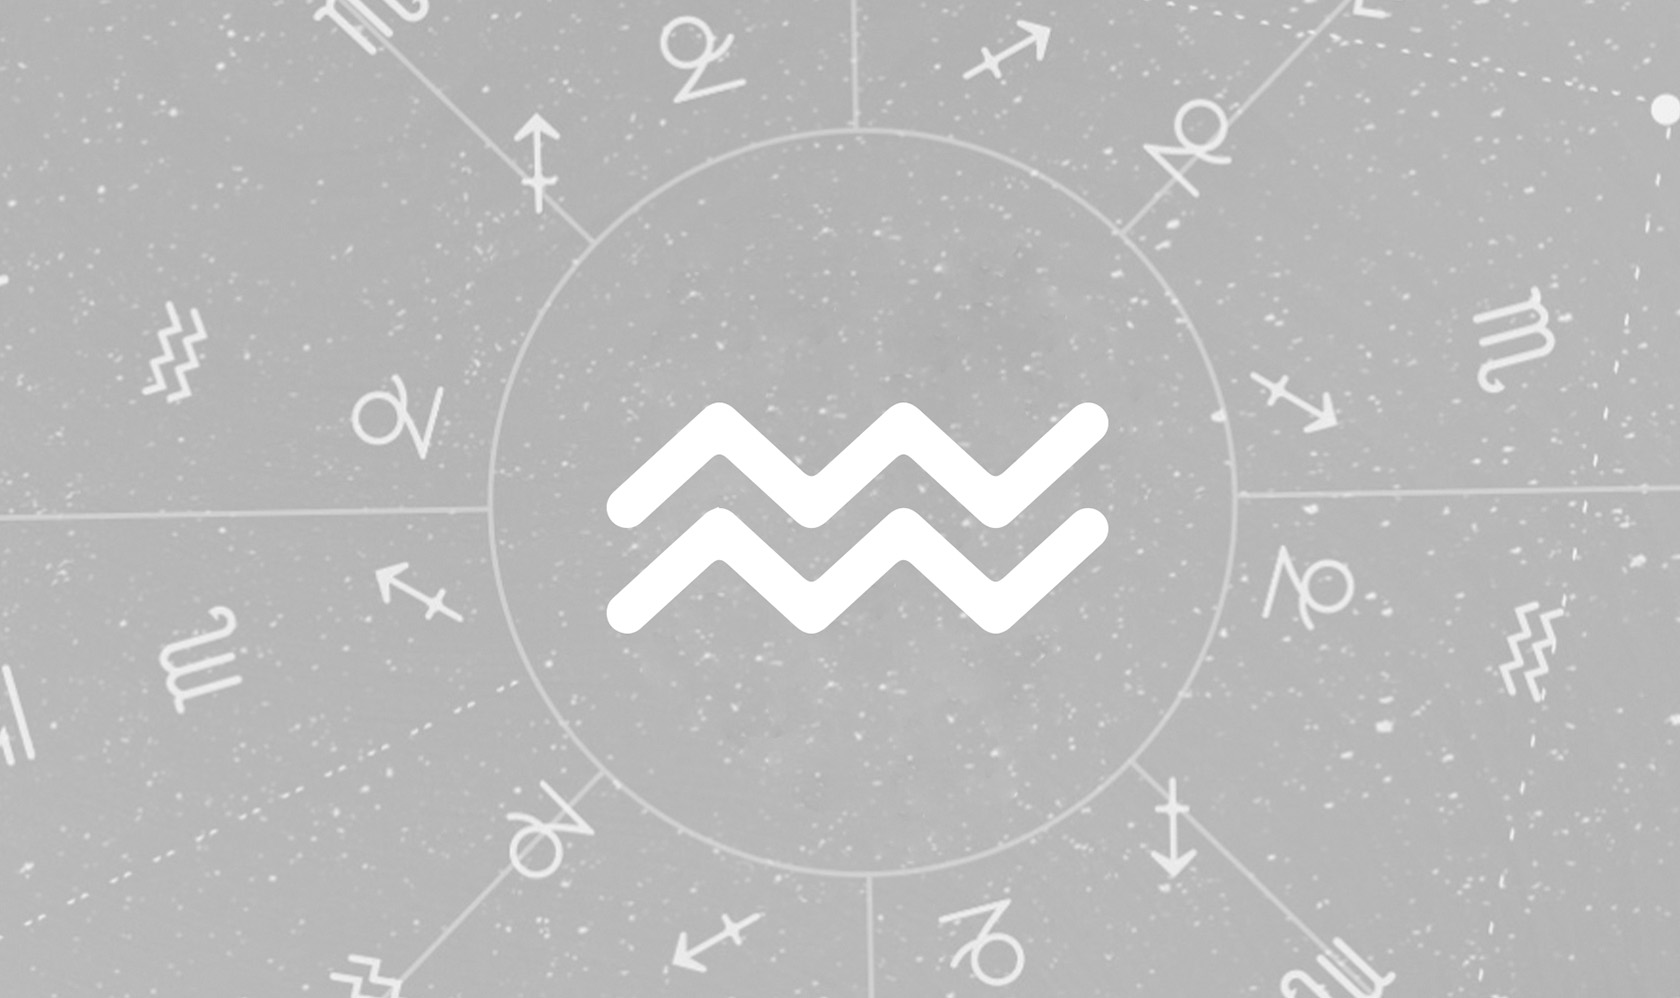 ABH-aquarius-horoscope